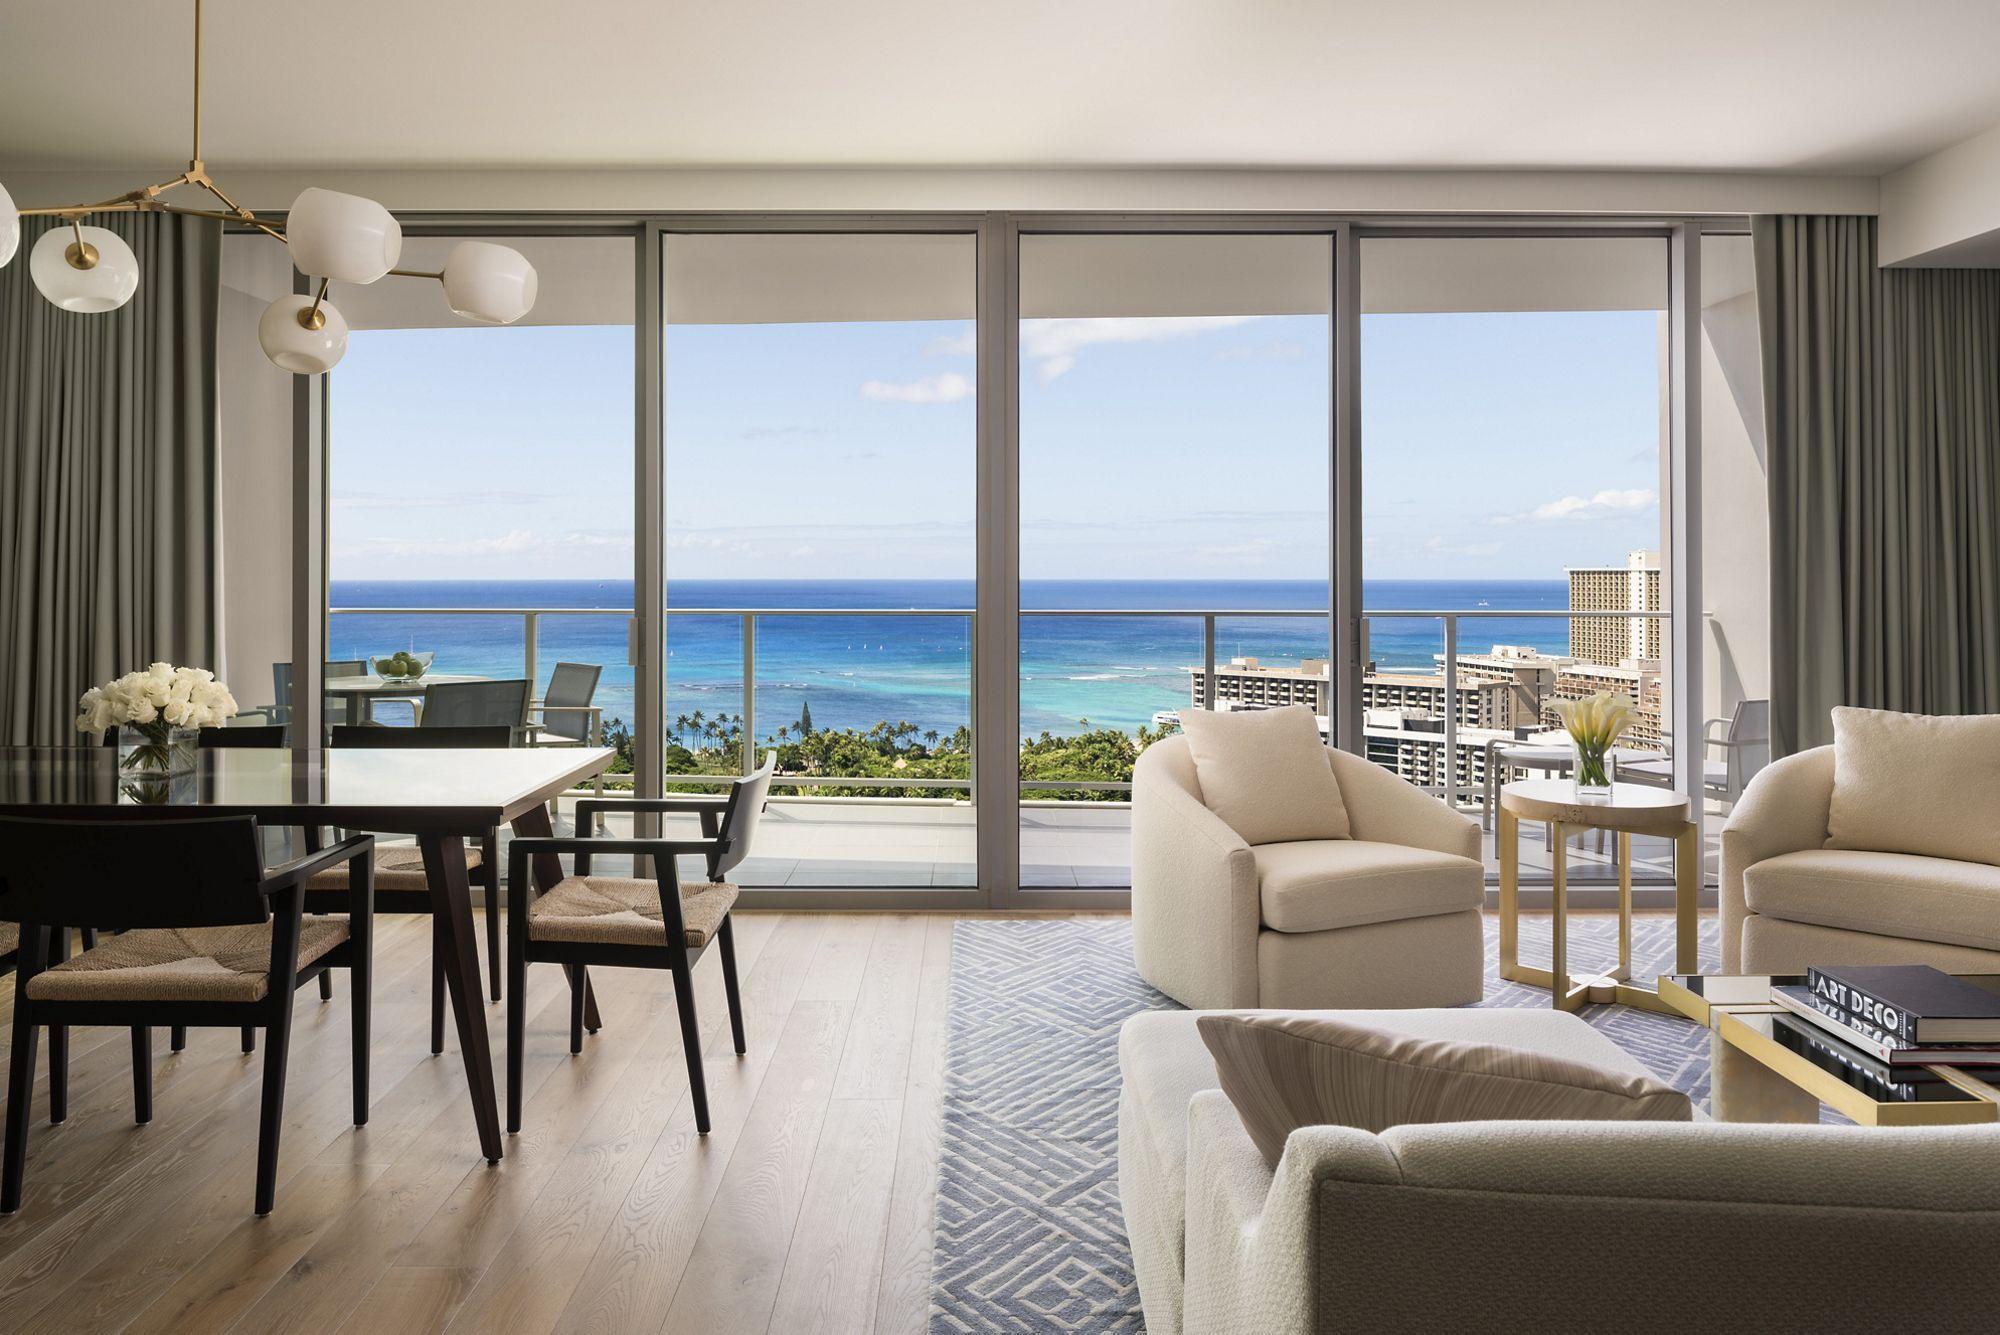 Luxury Waikiki Beach Resorts The Ritz Carlton Waikiki